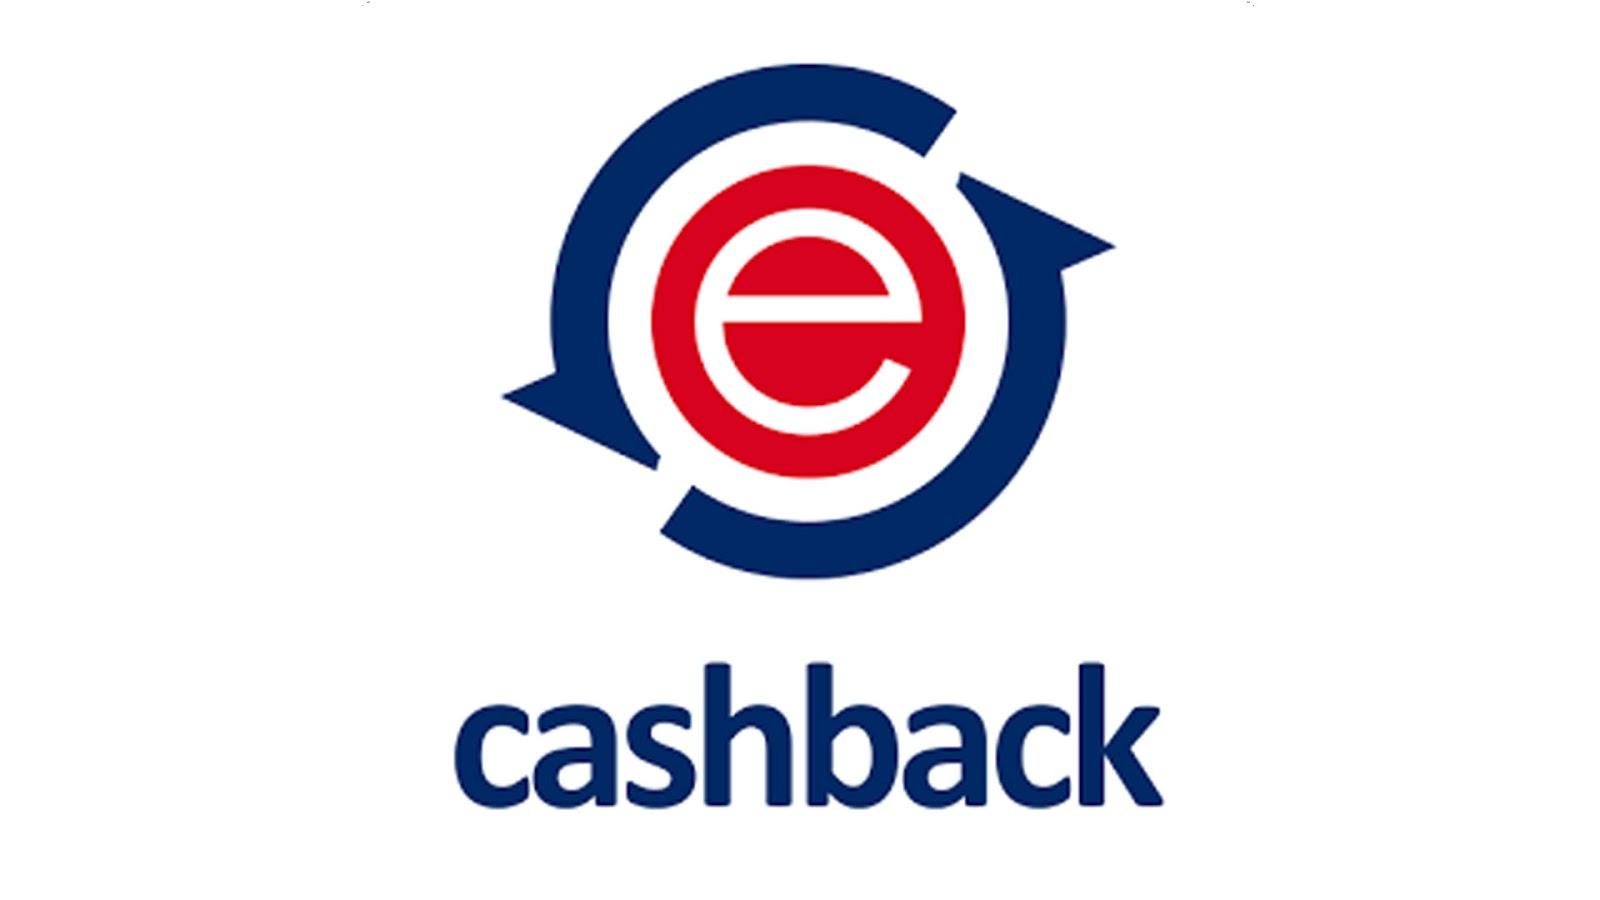 epn cashbac in moldova, întoarce bani de pe aliexpress. cum să intorc % de pe aliexpress în Moldova și Romania. Economie magazien online